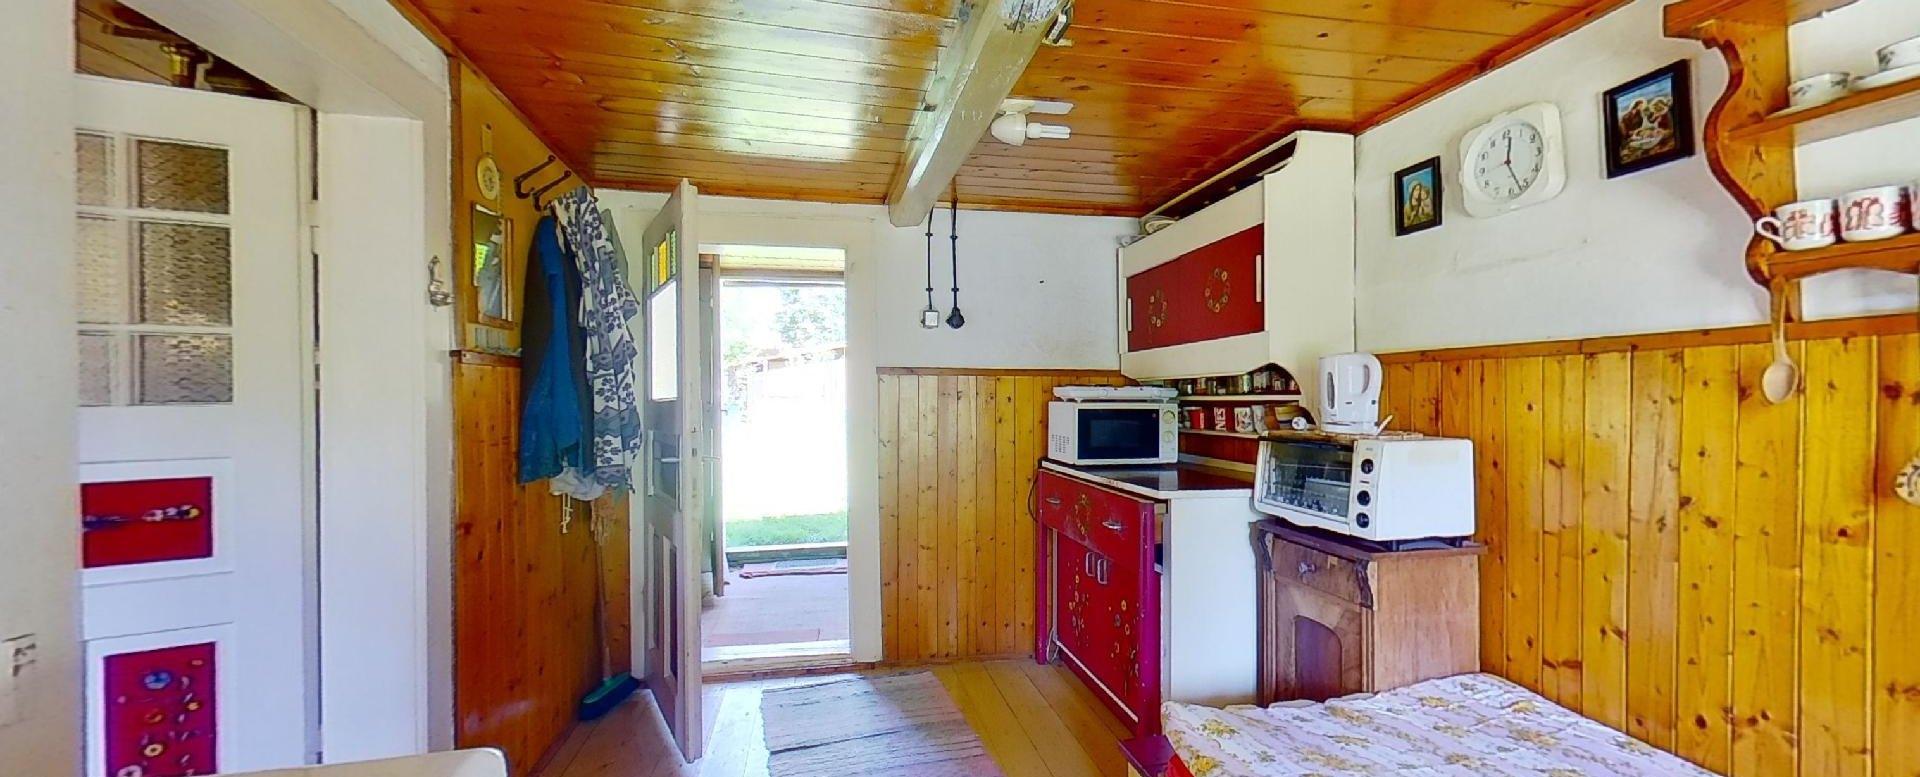 Kredenc v kuchyni